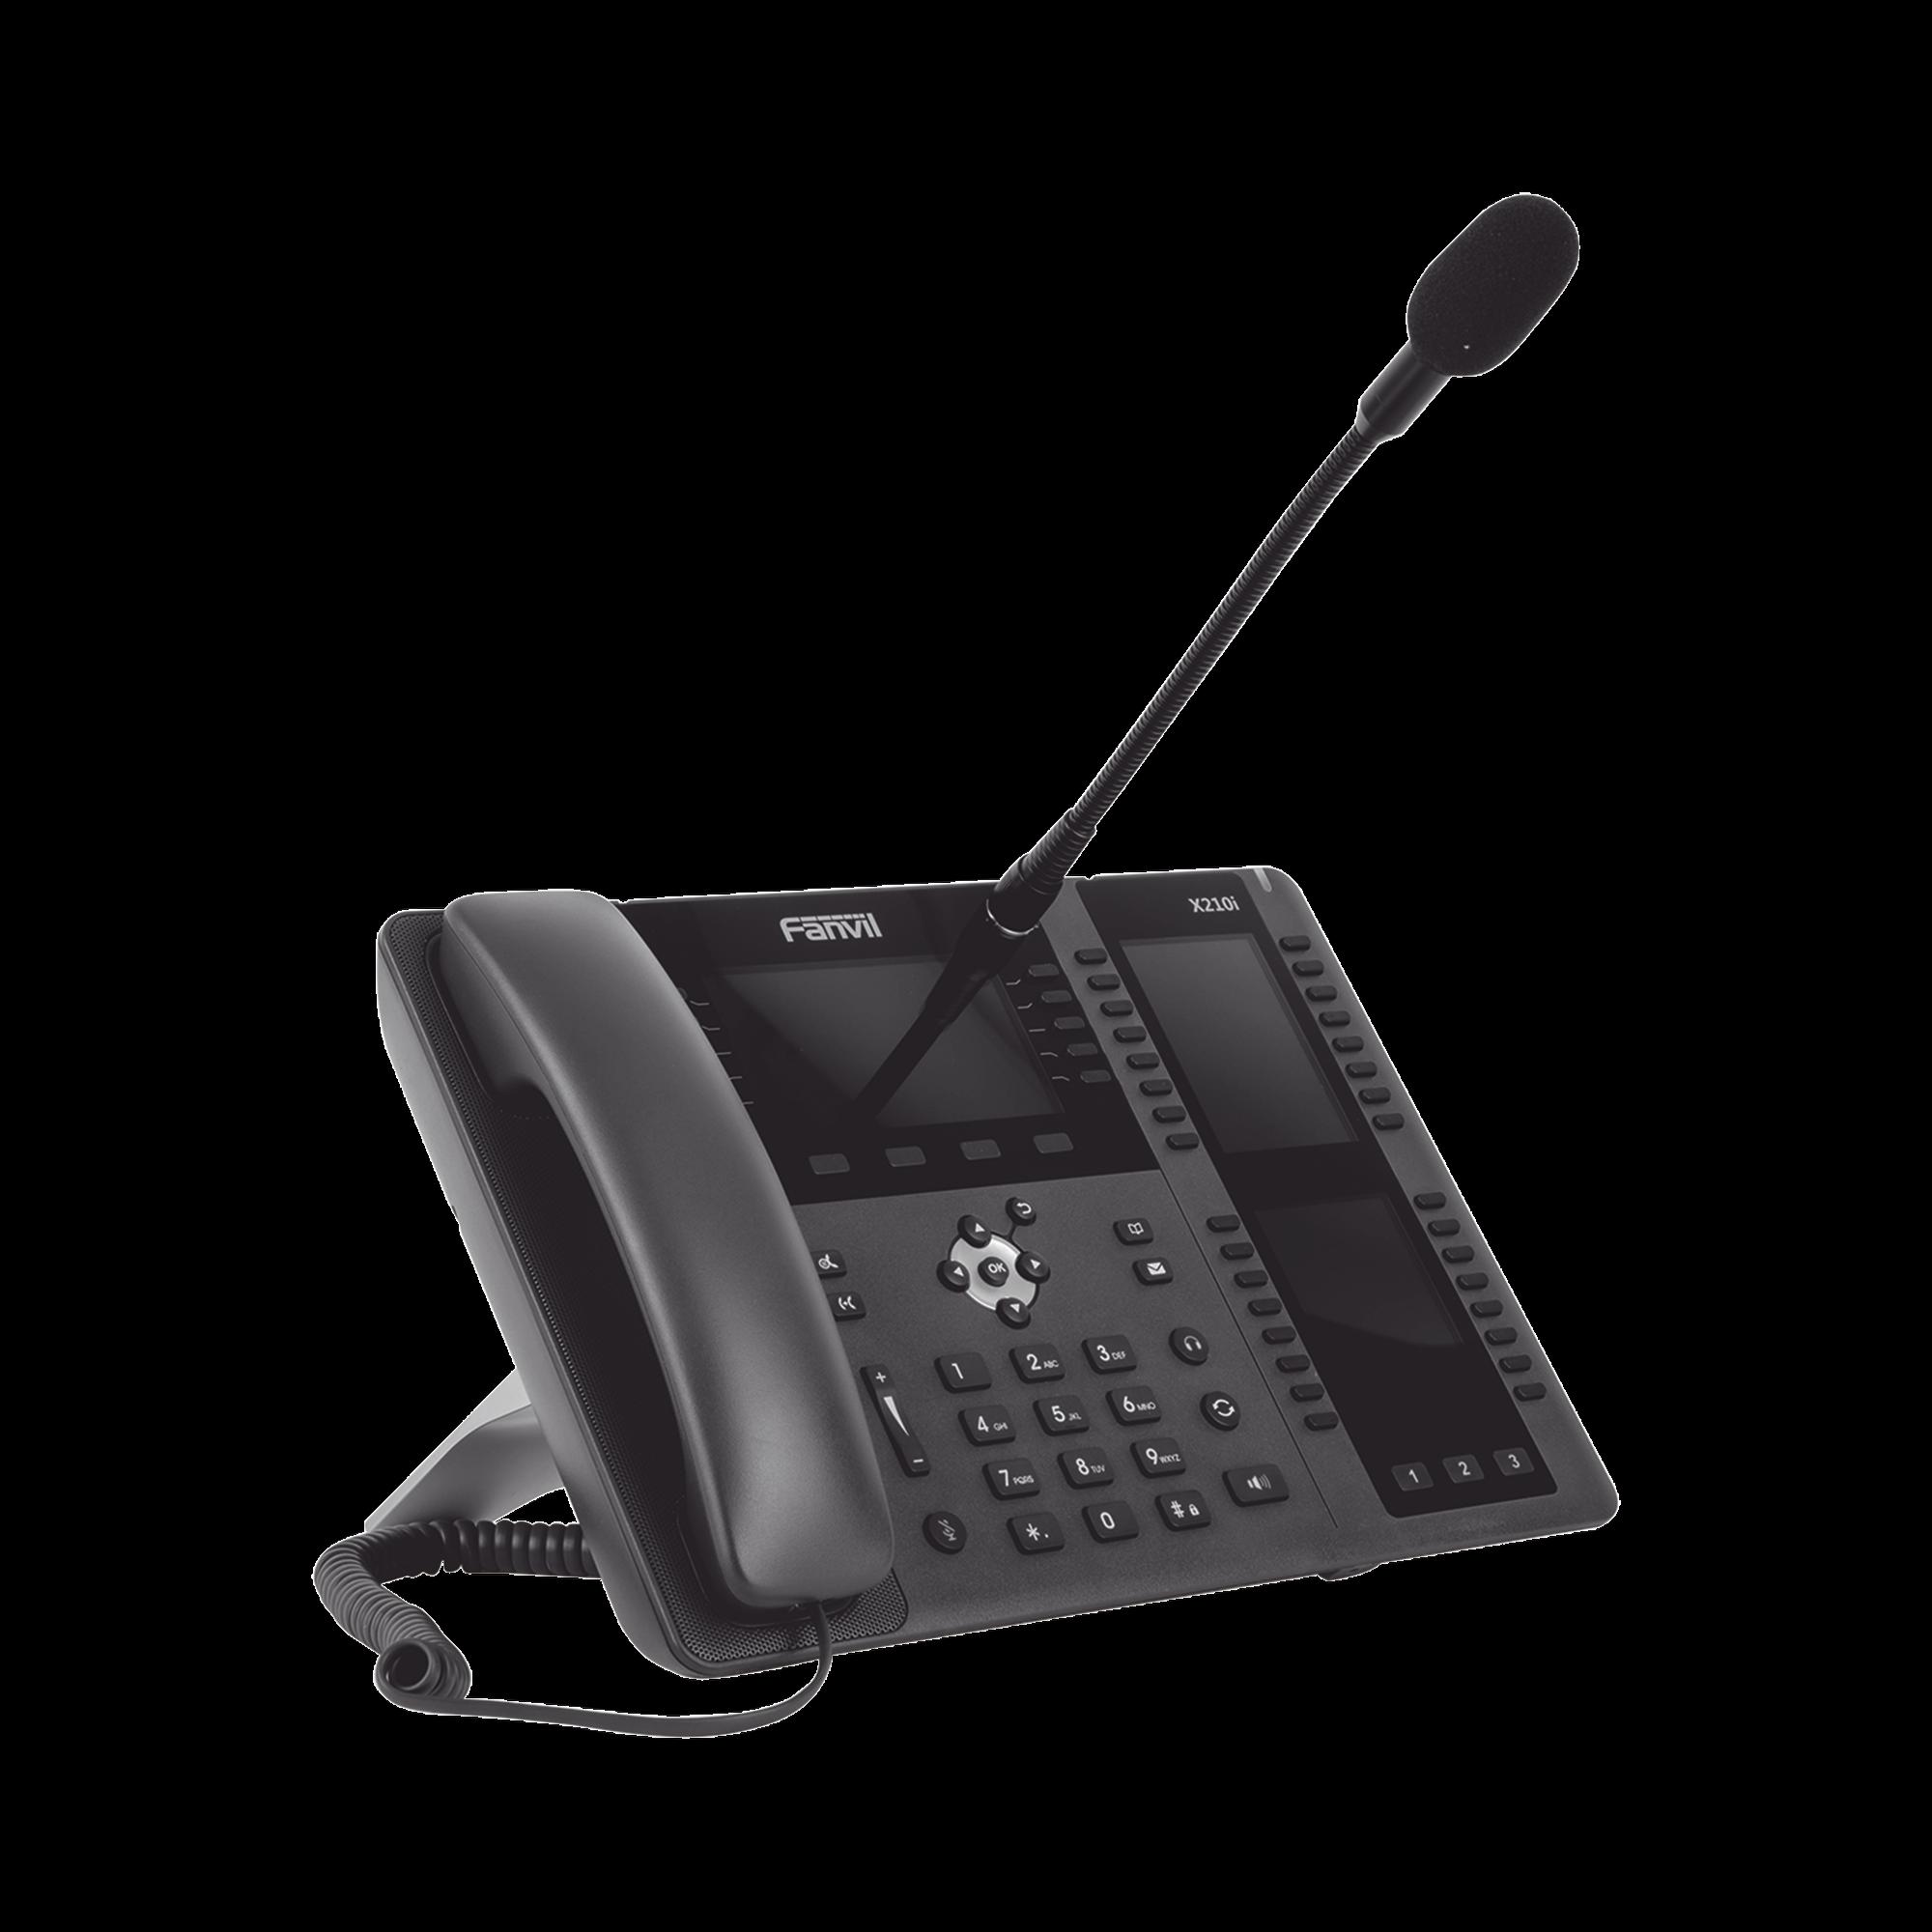 Teléfono empresarial IP hasta 20 lineas SIP, micrófono exterior, 106 botones DSS, Bluetooth integrado para diademas, puertos Gigabit, soporta recepción video, PoE